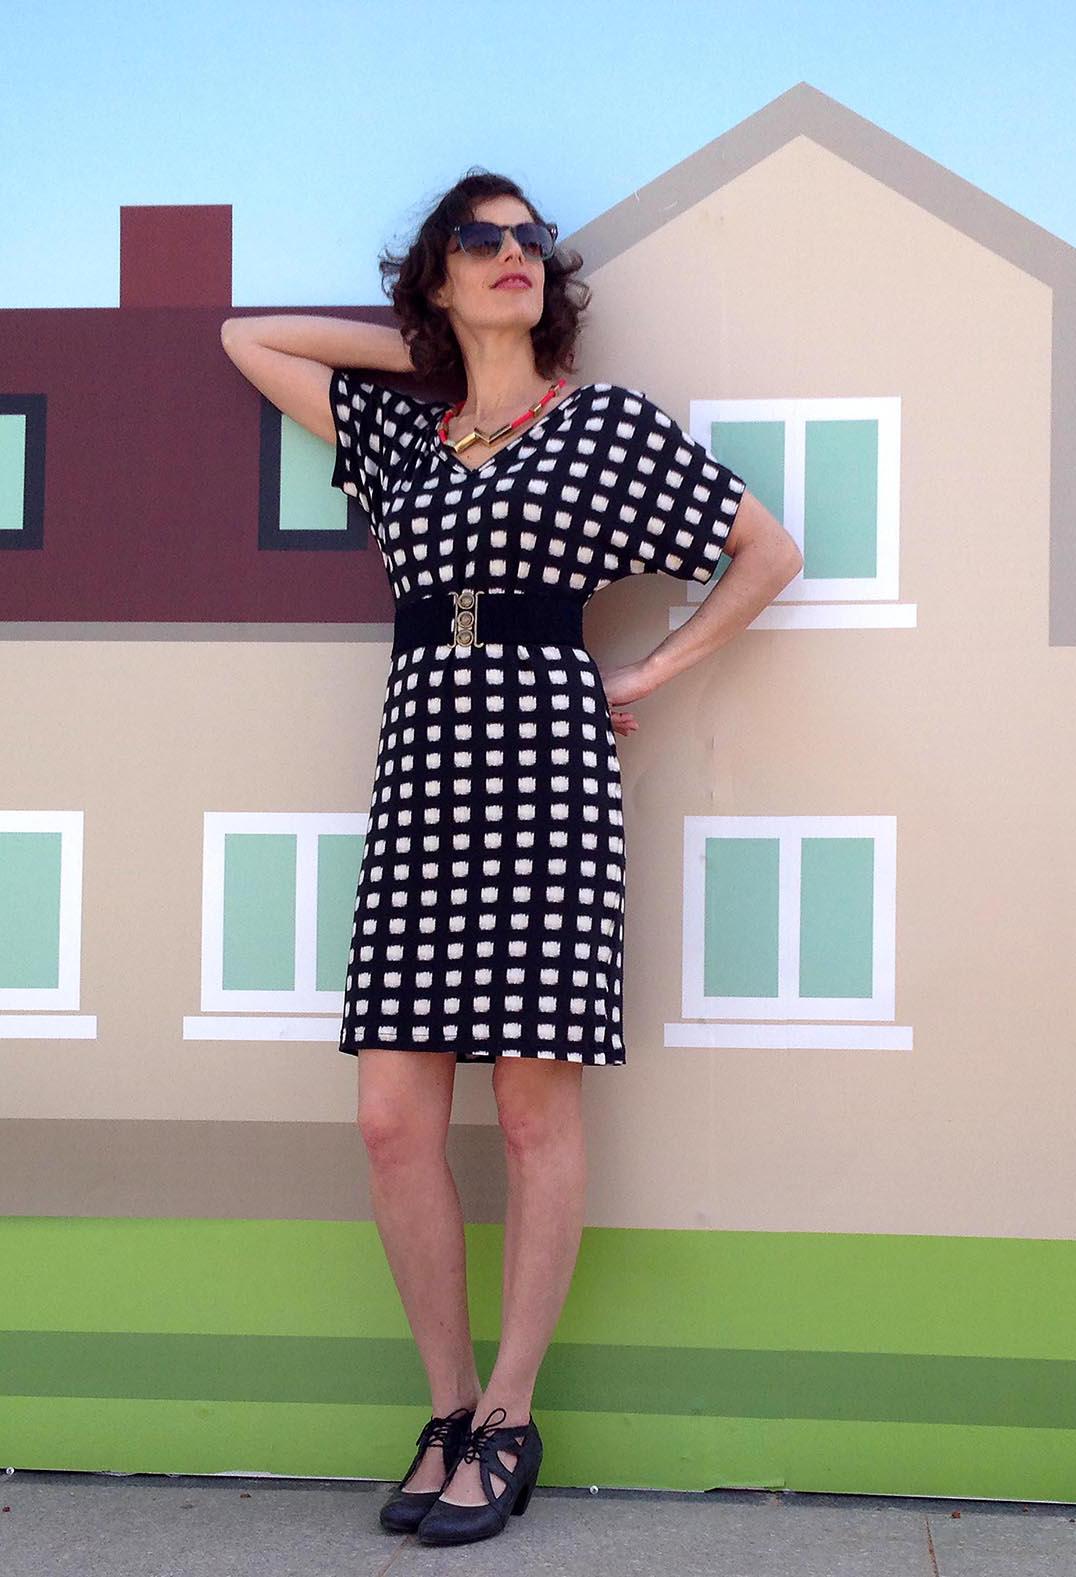 שמלת מניפה משבצות